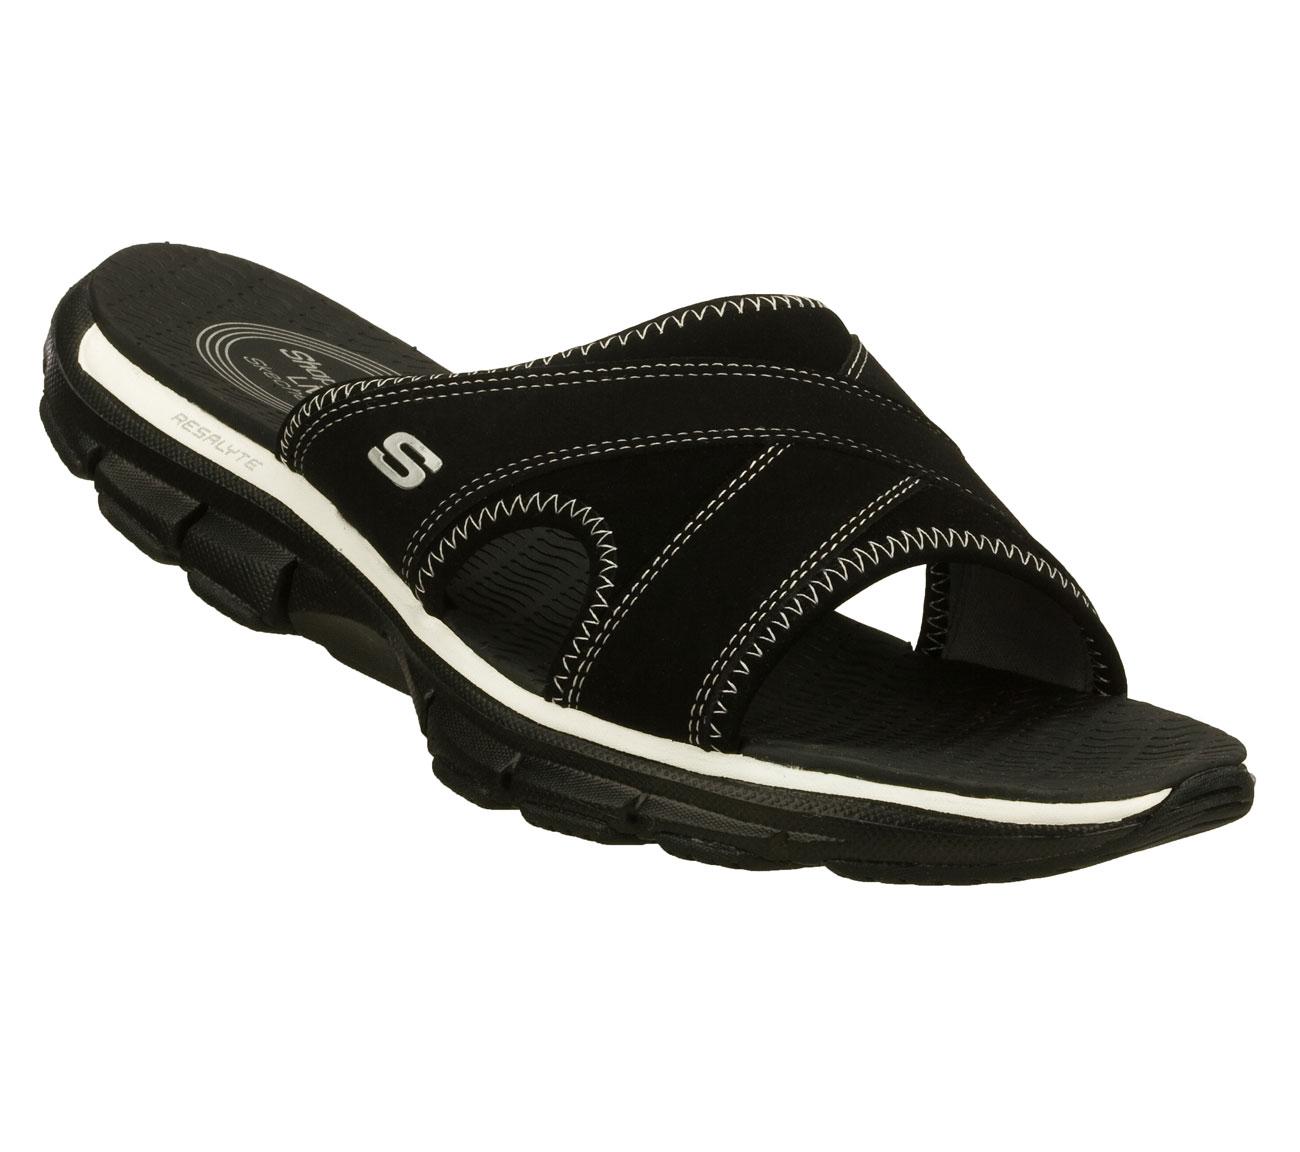 buy skechers shape ups liv beachycomfort sandals shoes. Black Bedroom Furniture Sets. Home Design Ideas